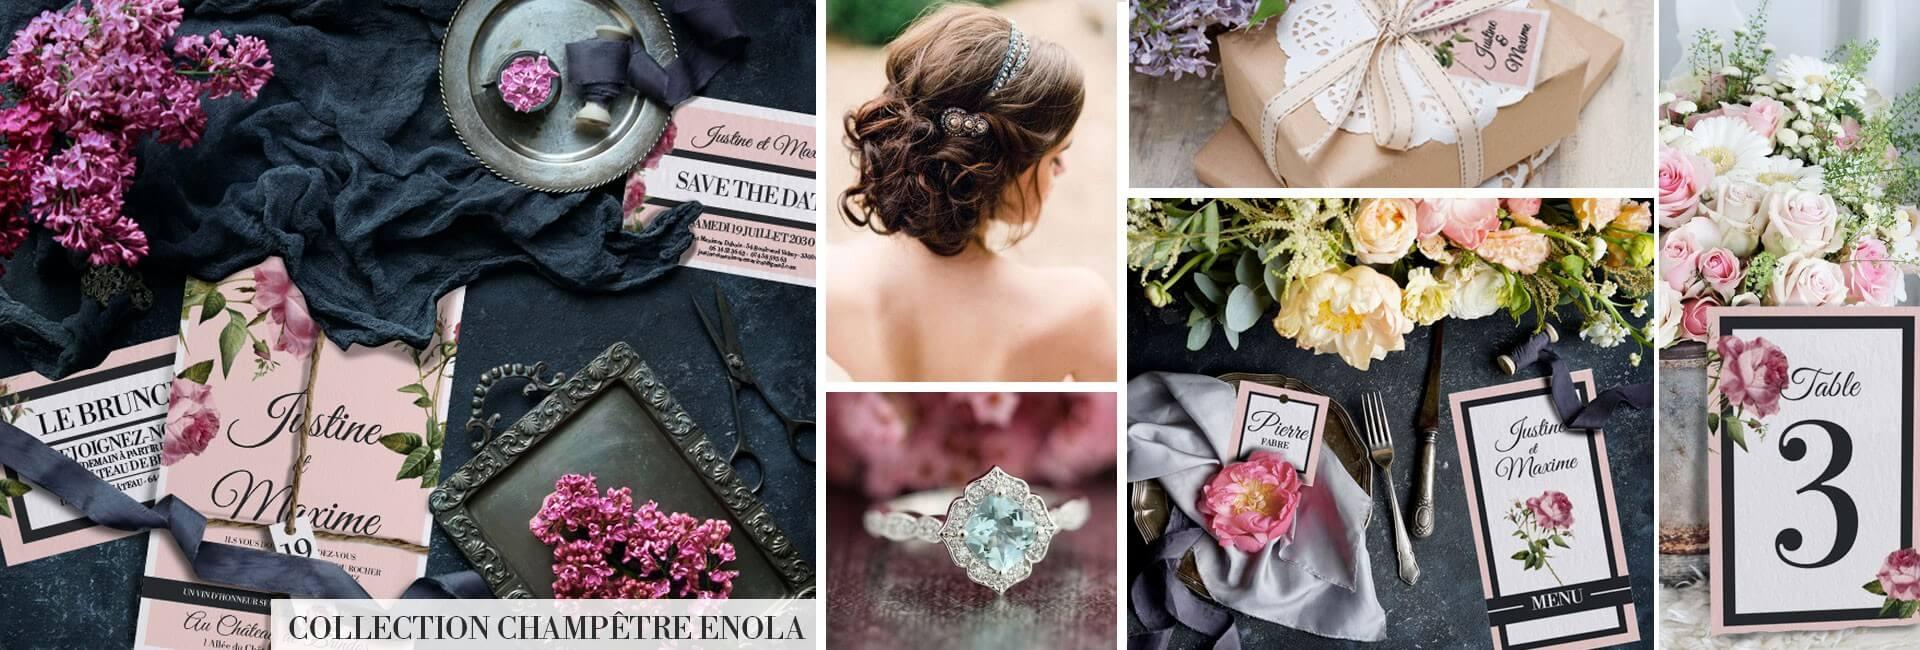 Collection champêtre Enola